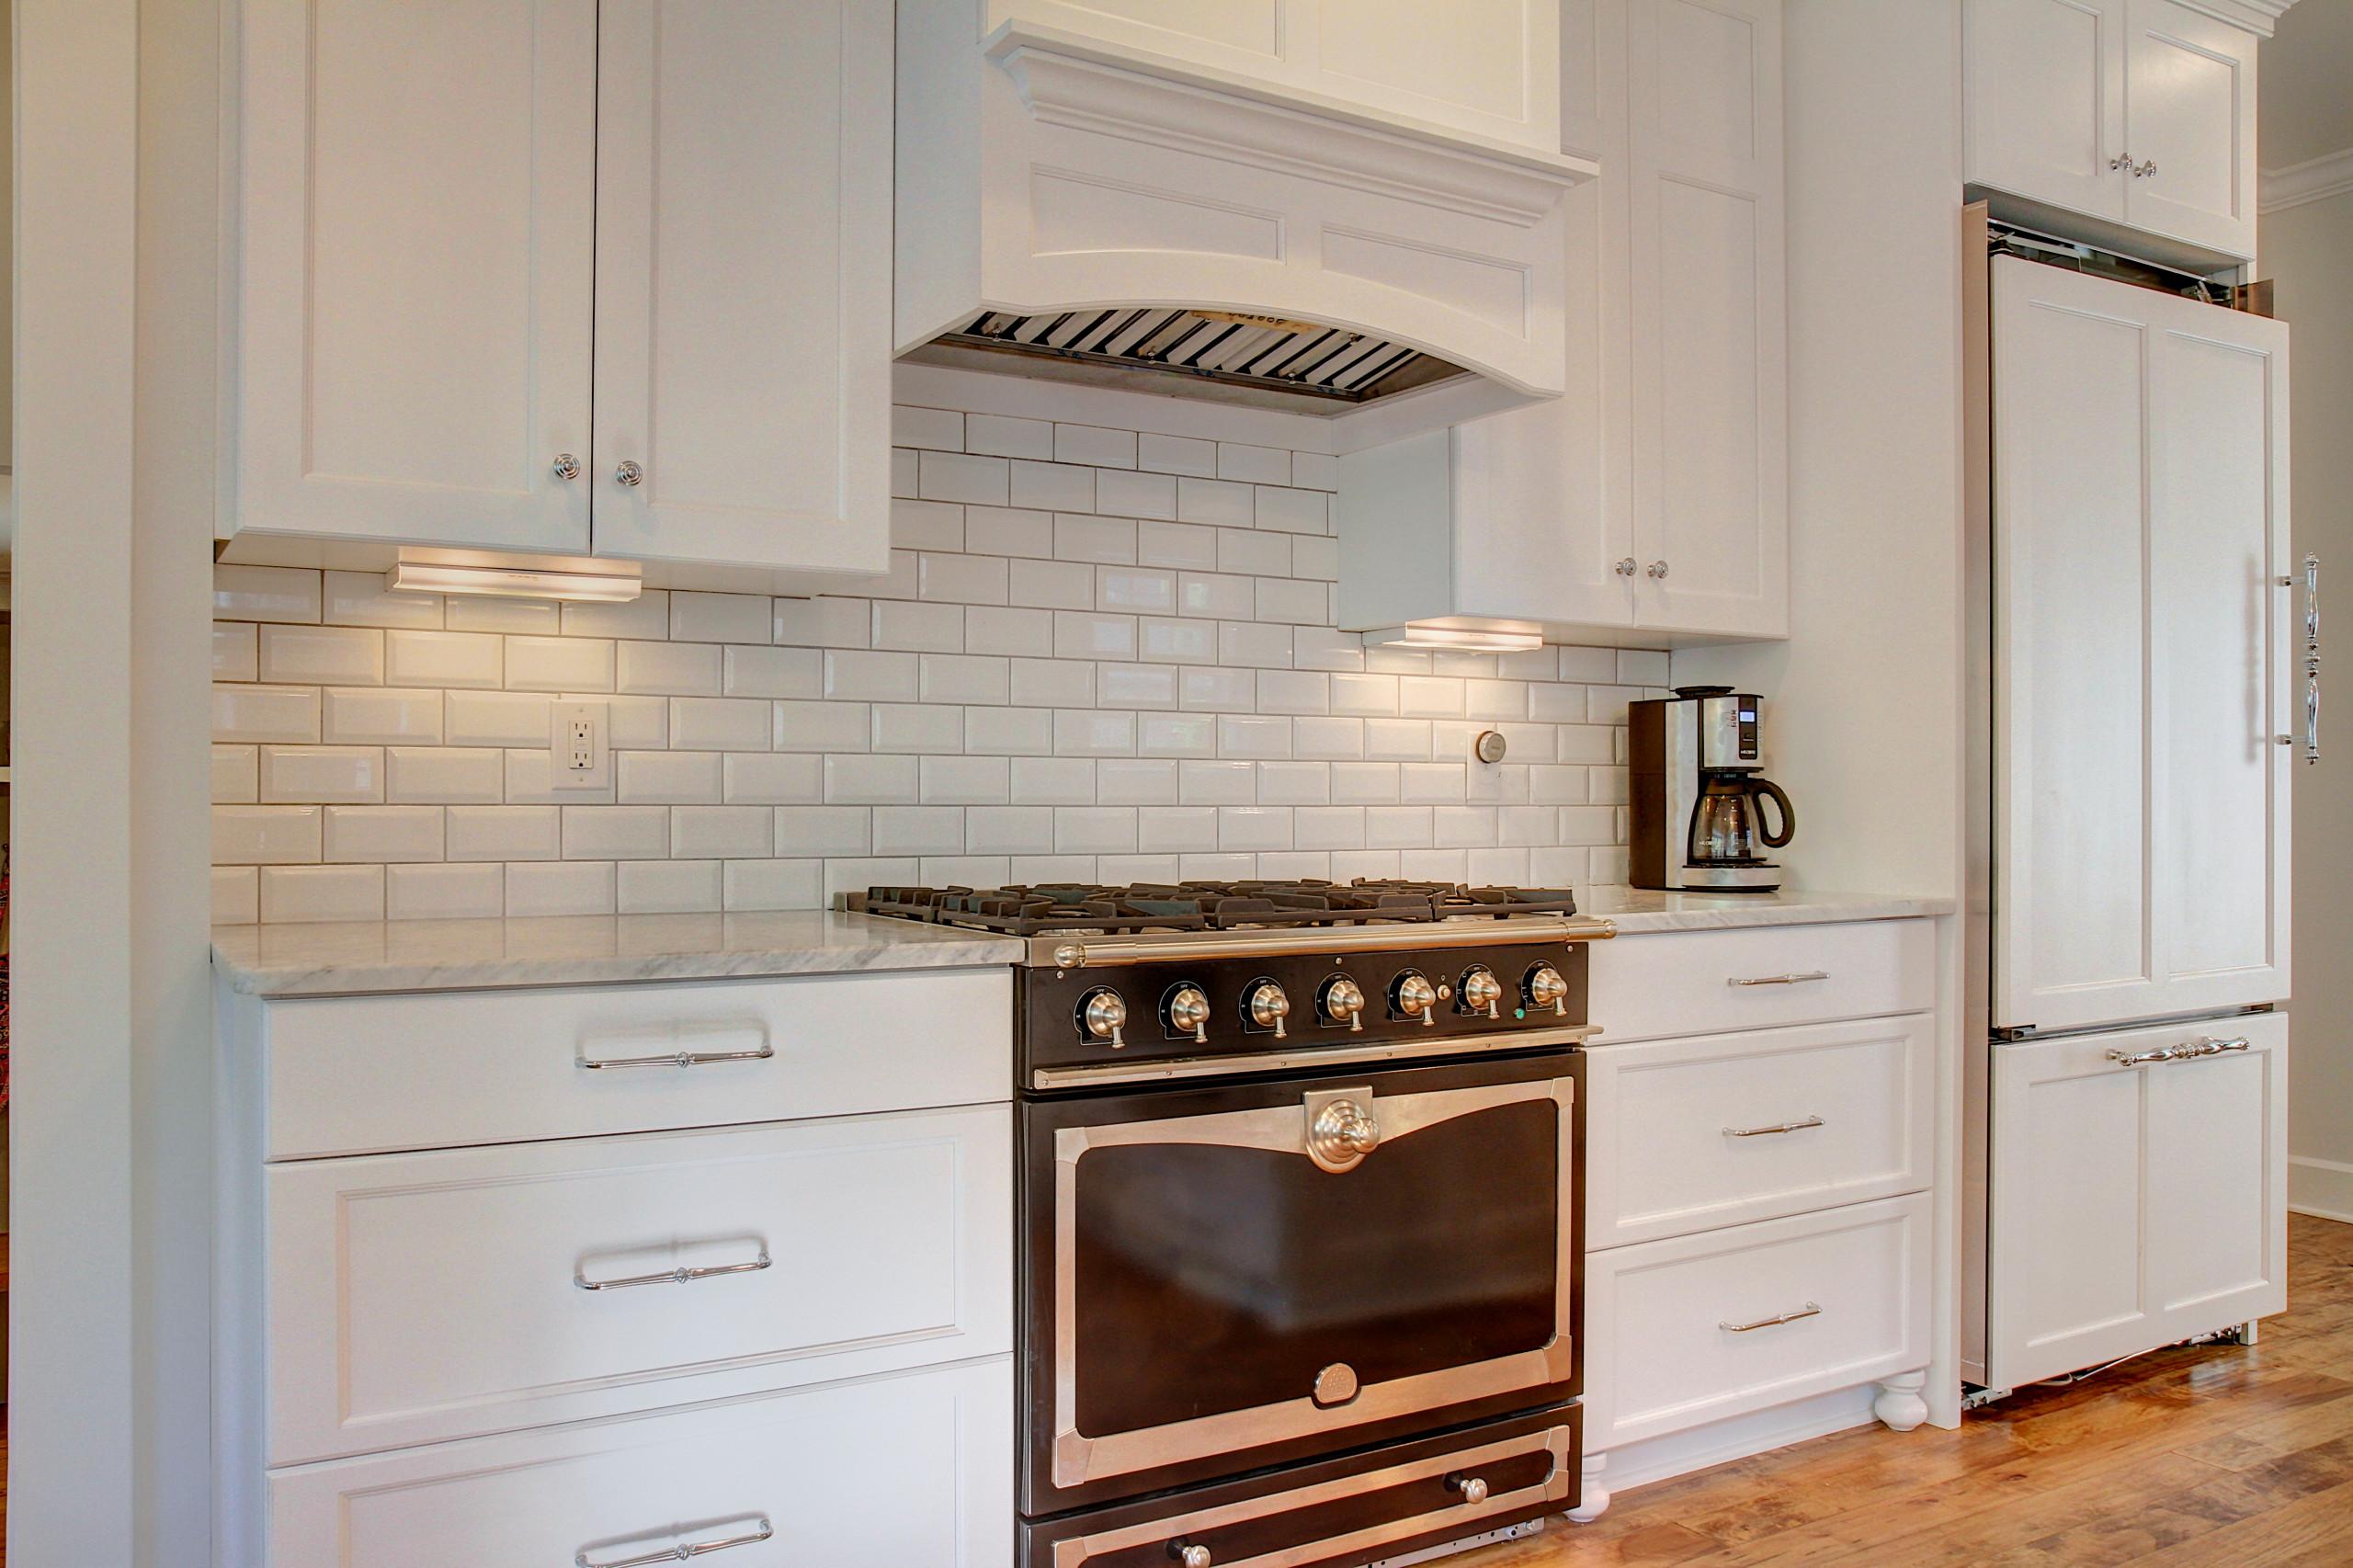 Lakewood Kitchen Renovation II